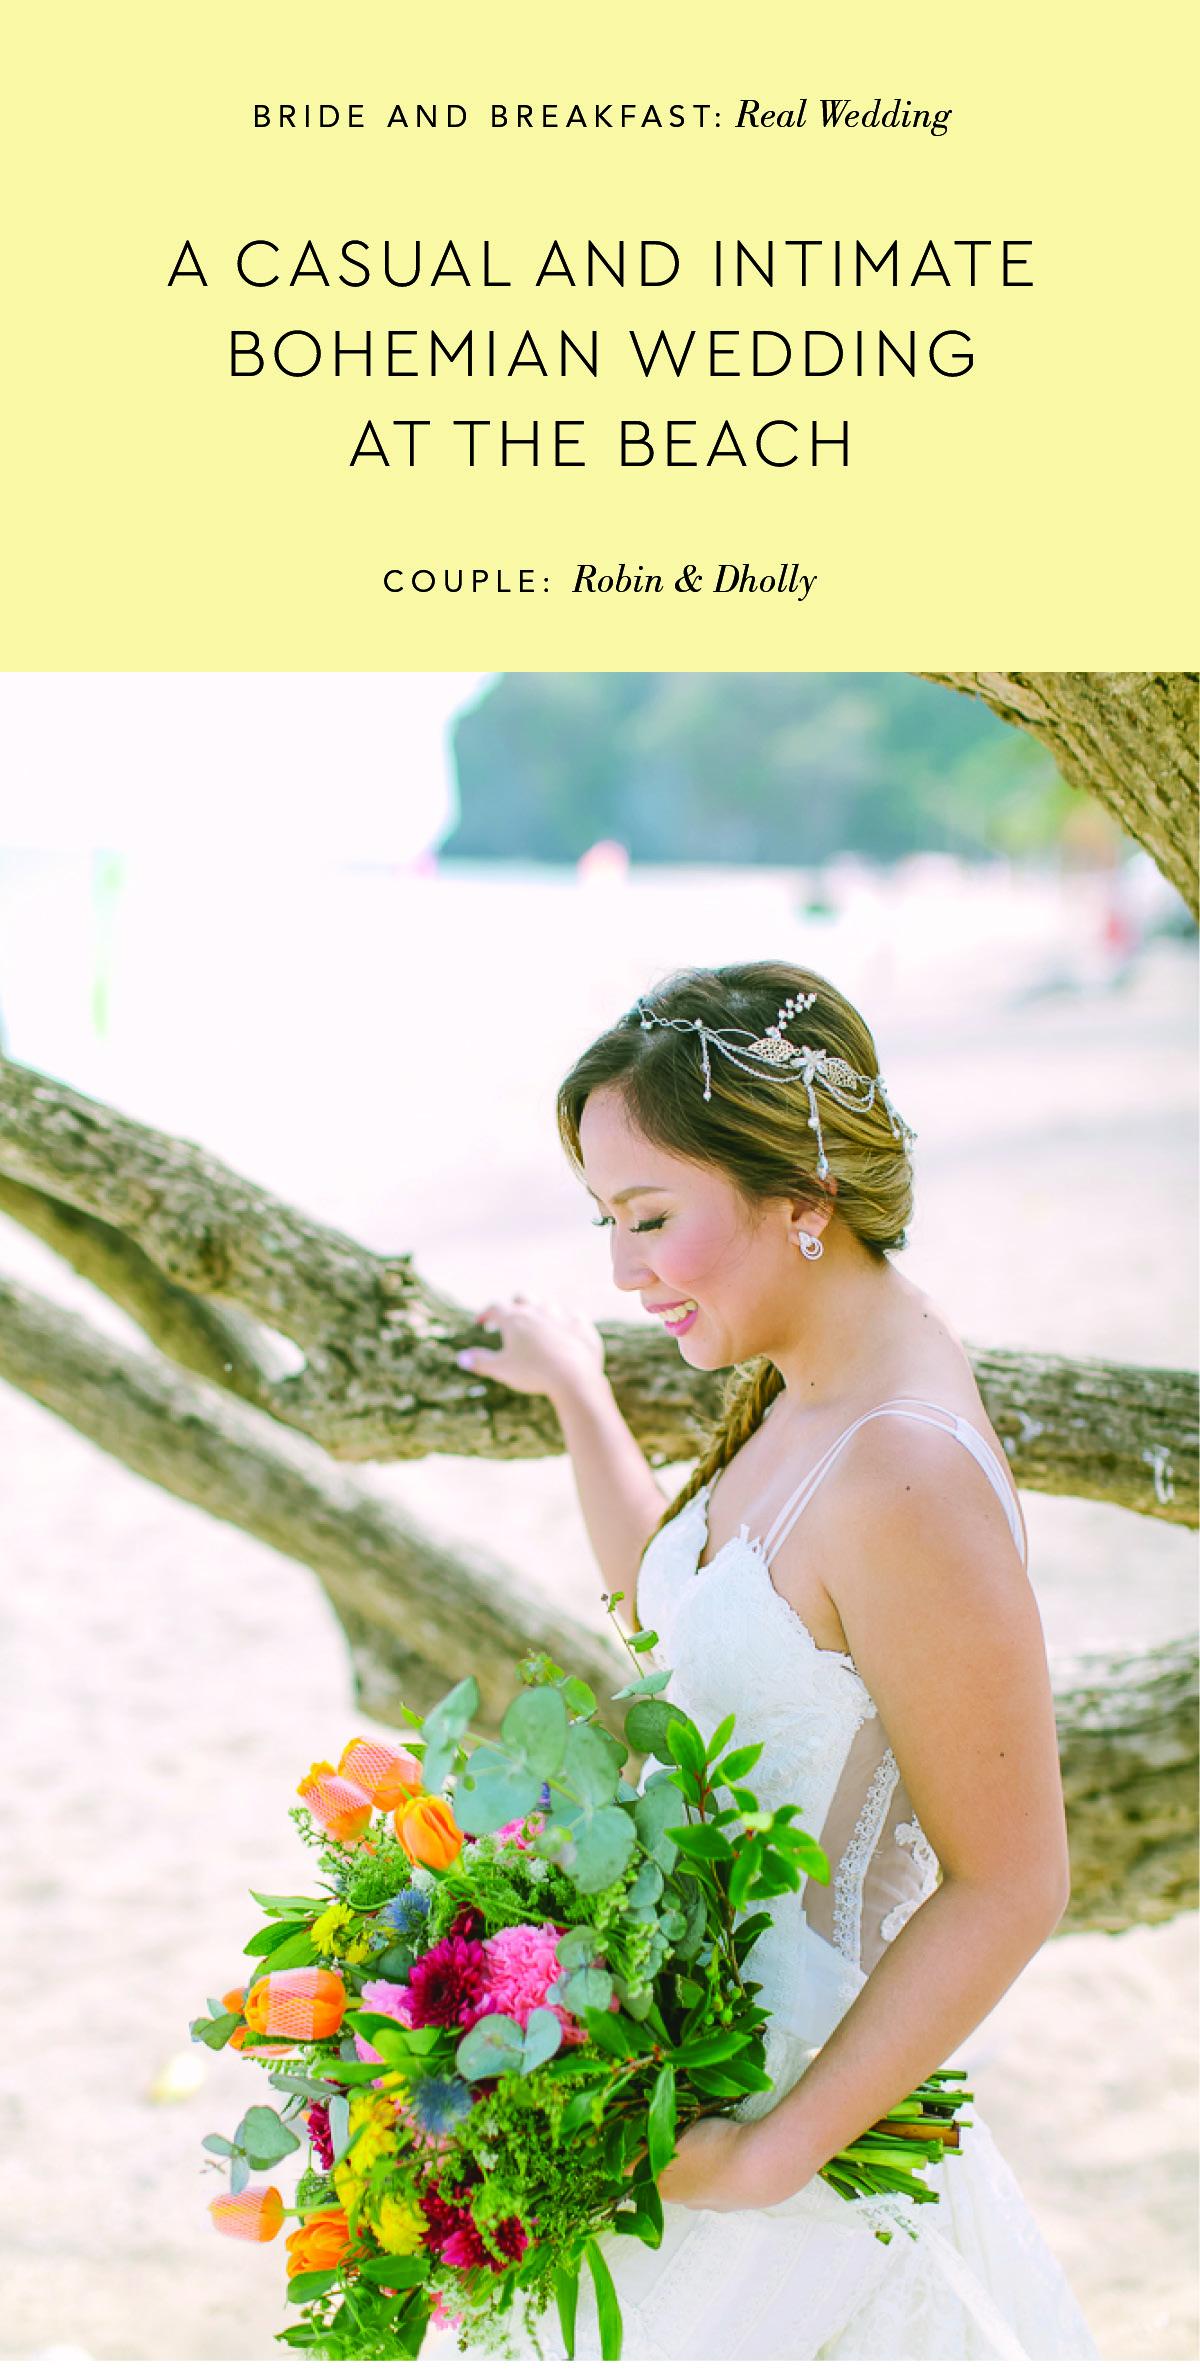 robin-and-dolly-wedding-01.jpg